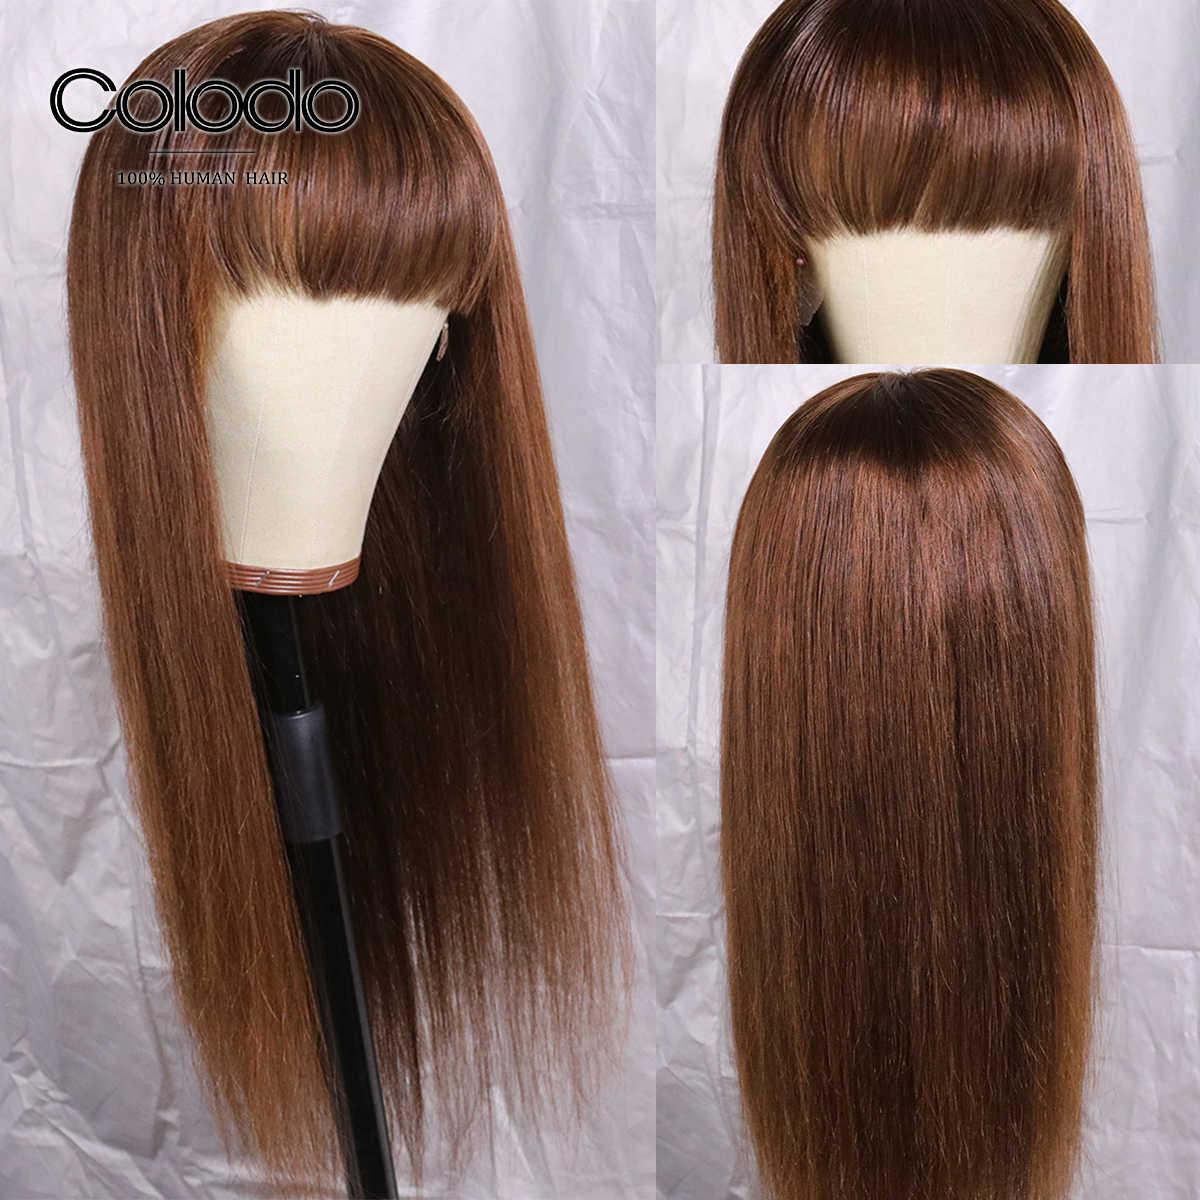 COLODO, бразильские волосы Remy, прямые, на кружеве, парик, толстая челка, 150% плотность, коричневый цвет, на кружеве, человеческие волосы, парики для черных женщин